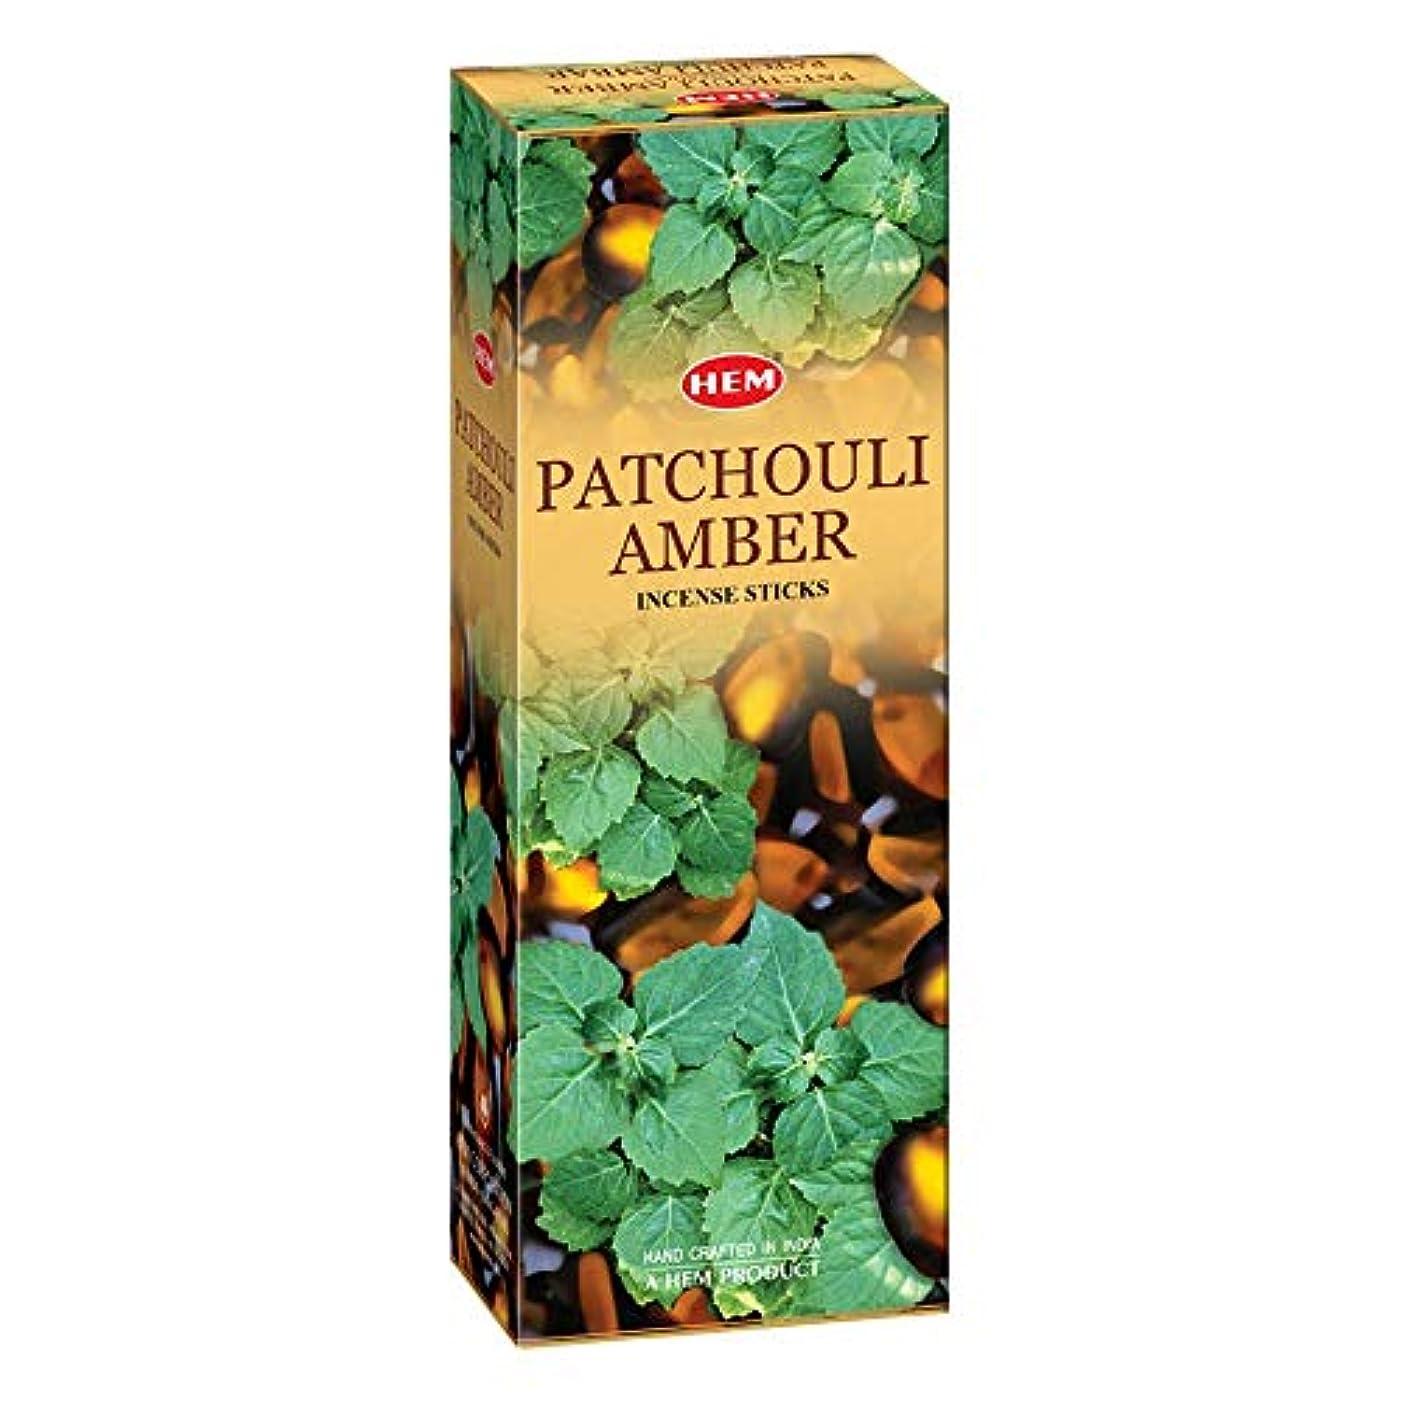 についてわざわざ二層Hem Patchouli Amber Incense Sticks(9.3 cm X 6.0 cm X 25.5cm, Black)